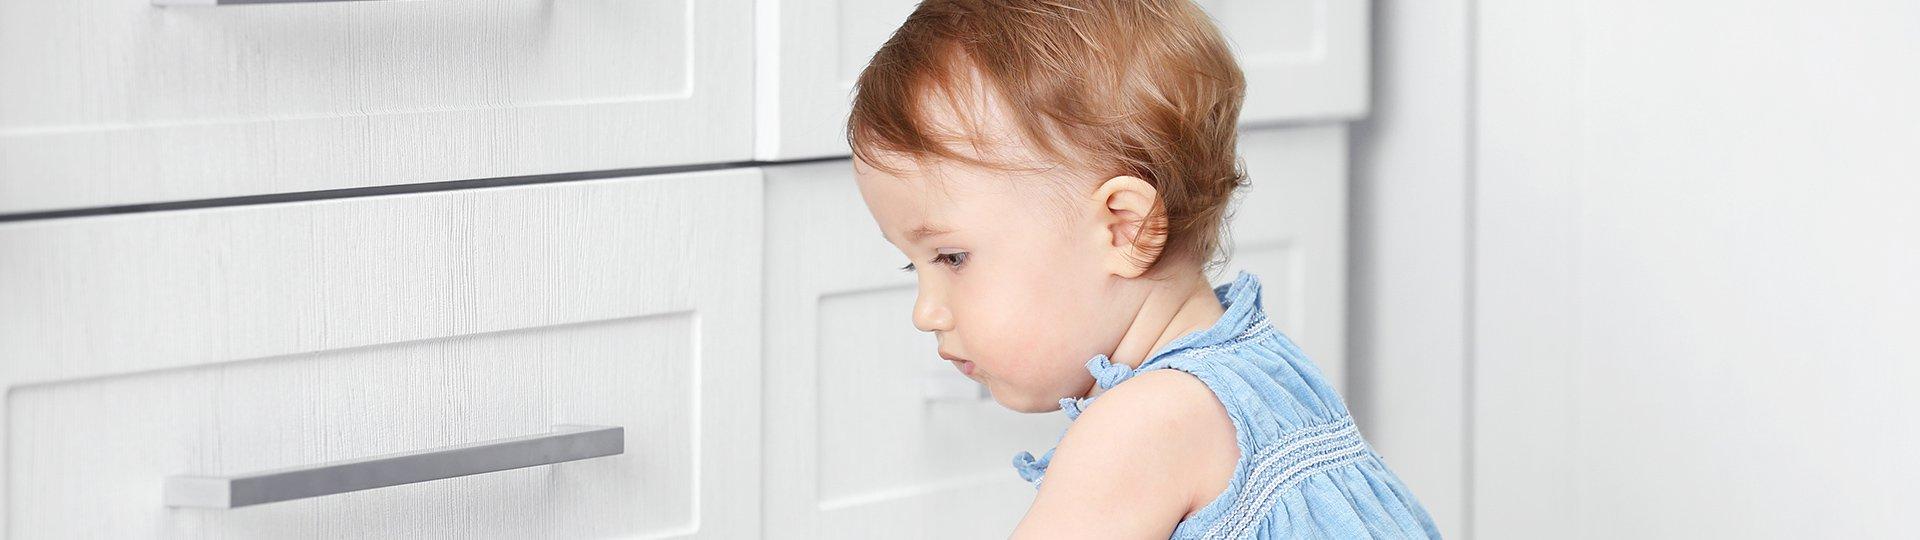 Ab Welchem Alter Können Kinder Alleine Bleiben? / Axa bestimmt für Ab Welchem Alter Dürfen Kinder Alleine Zu Hause Bleiben